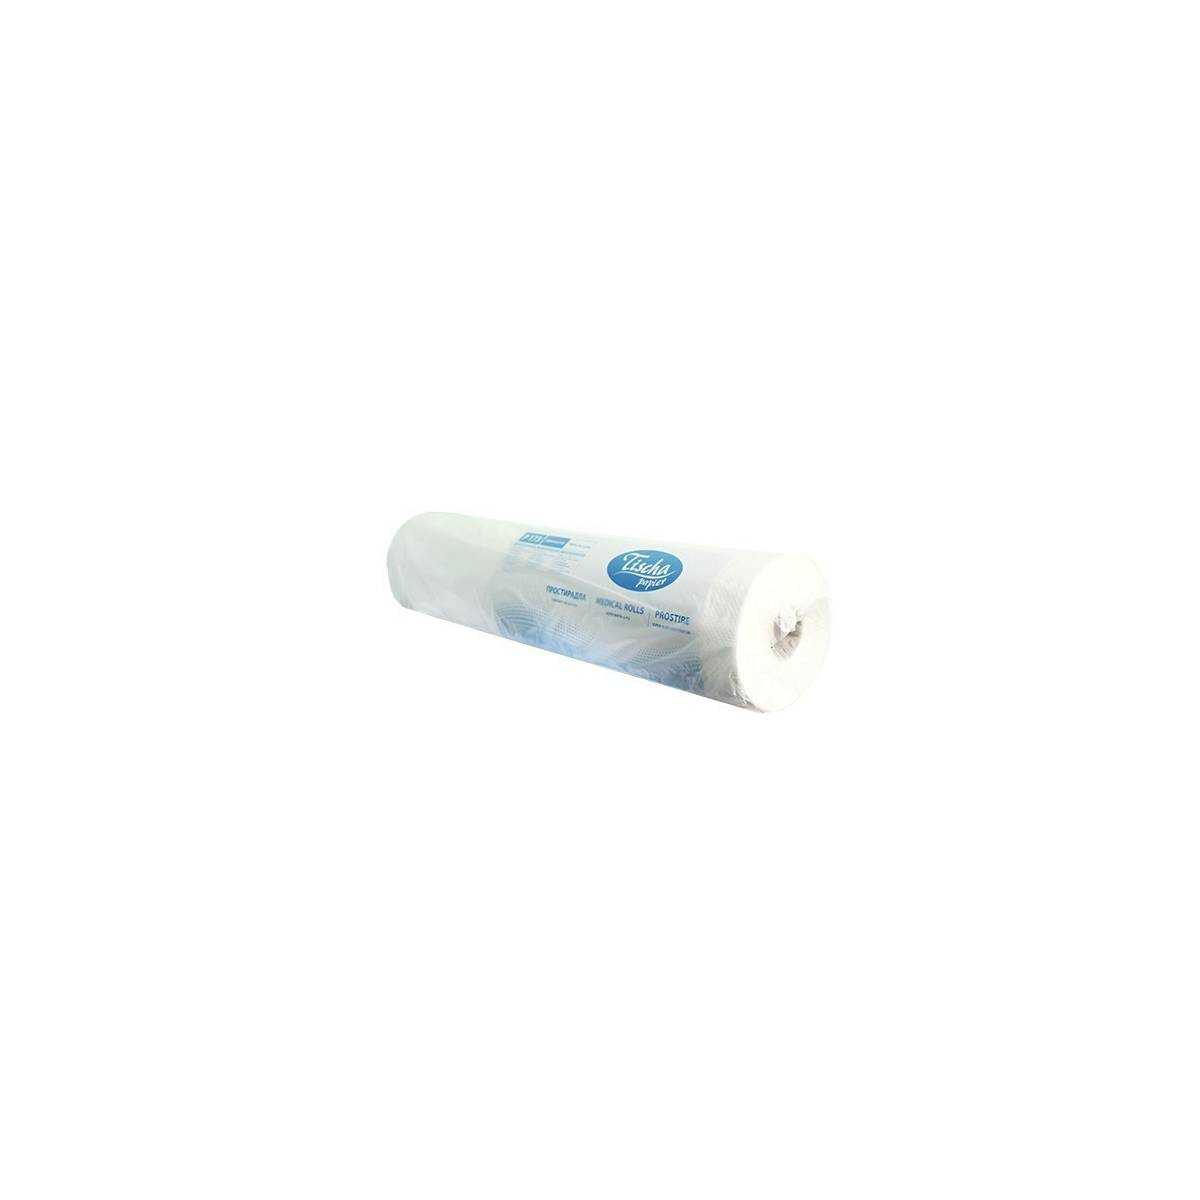 Простыни кушеточные рулонные MEDIPROST 60 P173 Tischa Papier